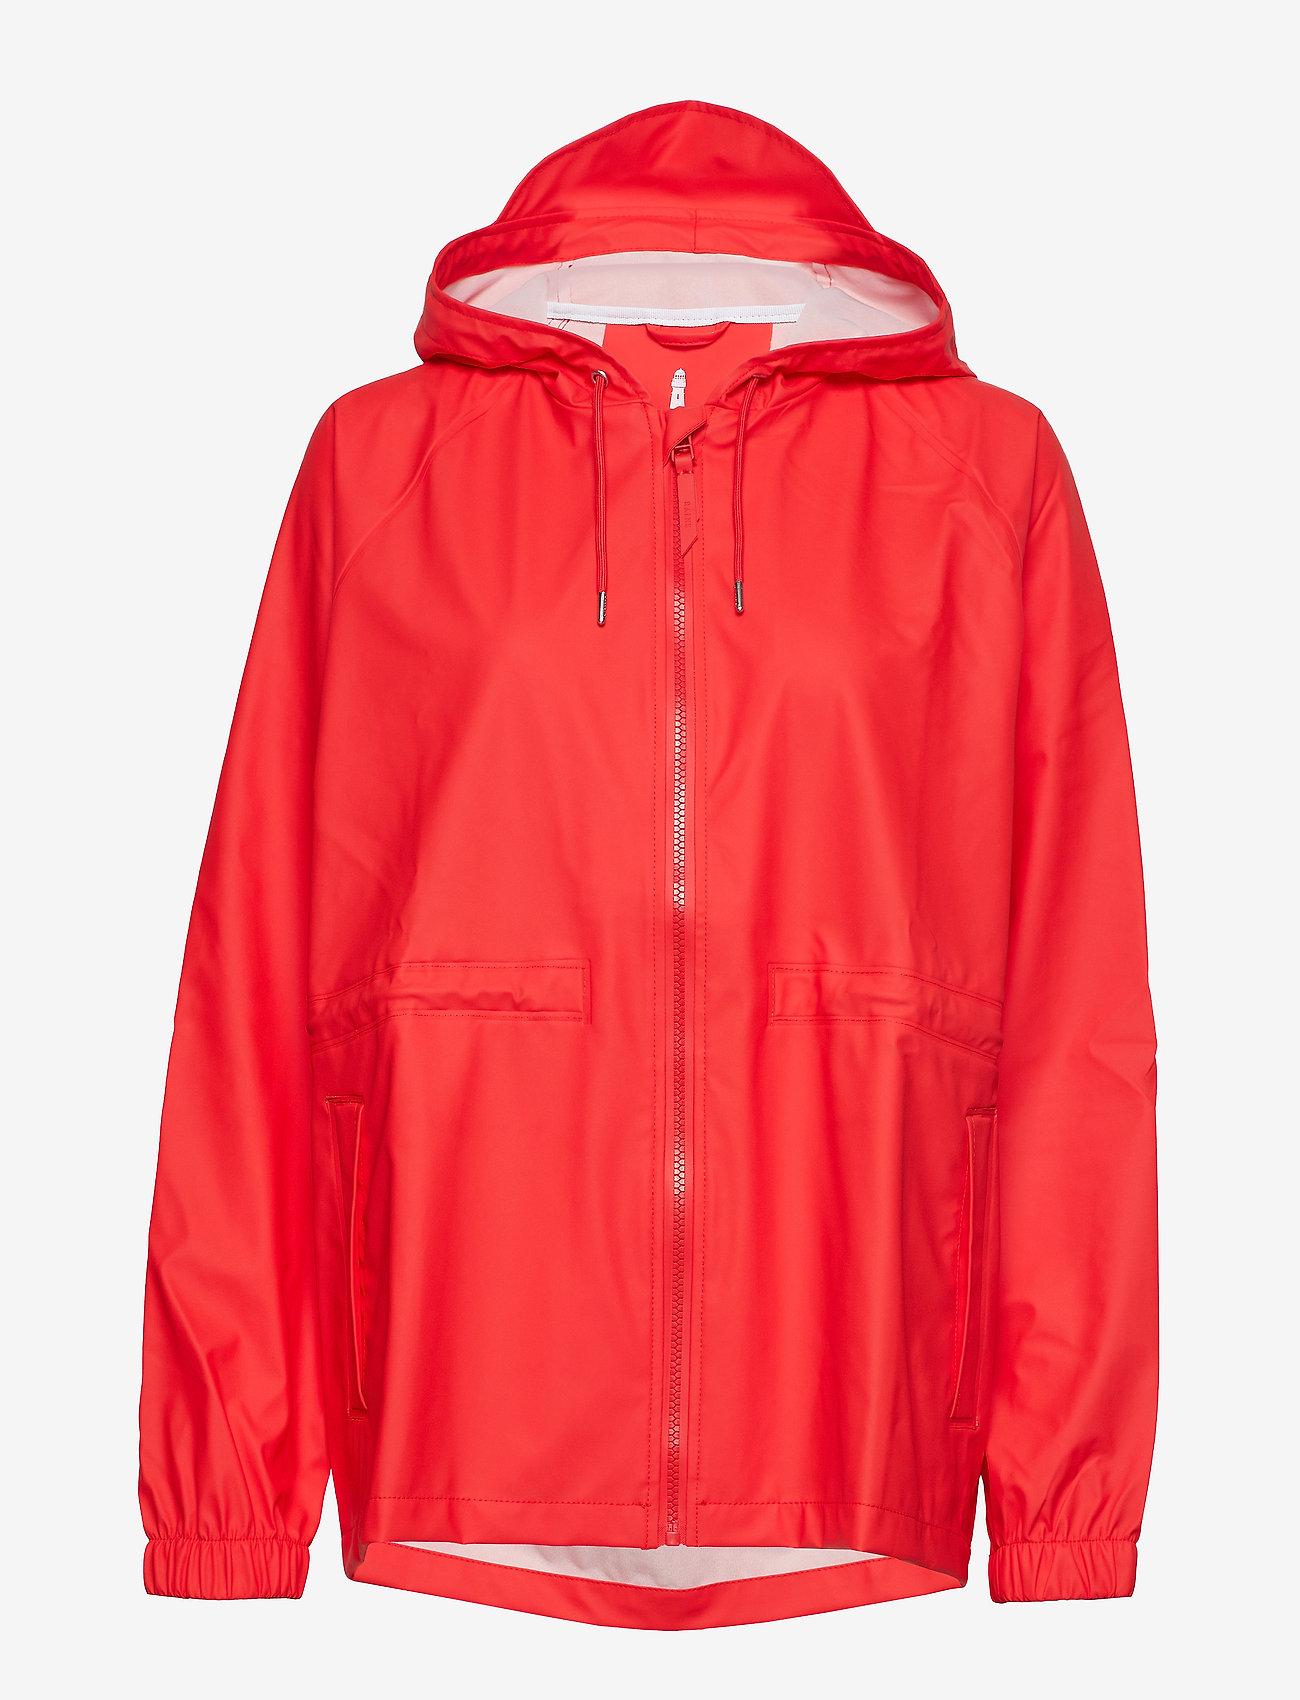 Rains - W Jacket - regenbekleidung - red - 1